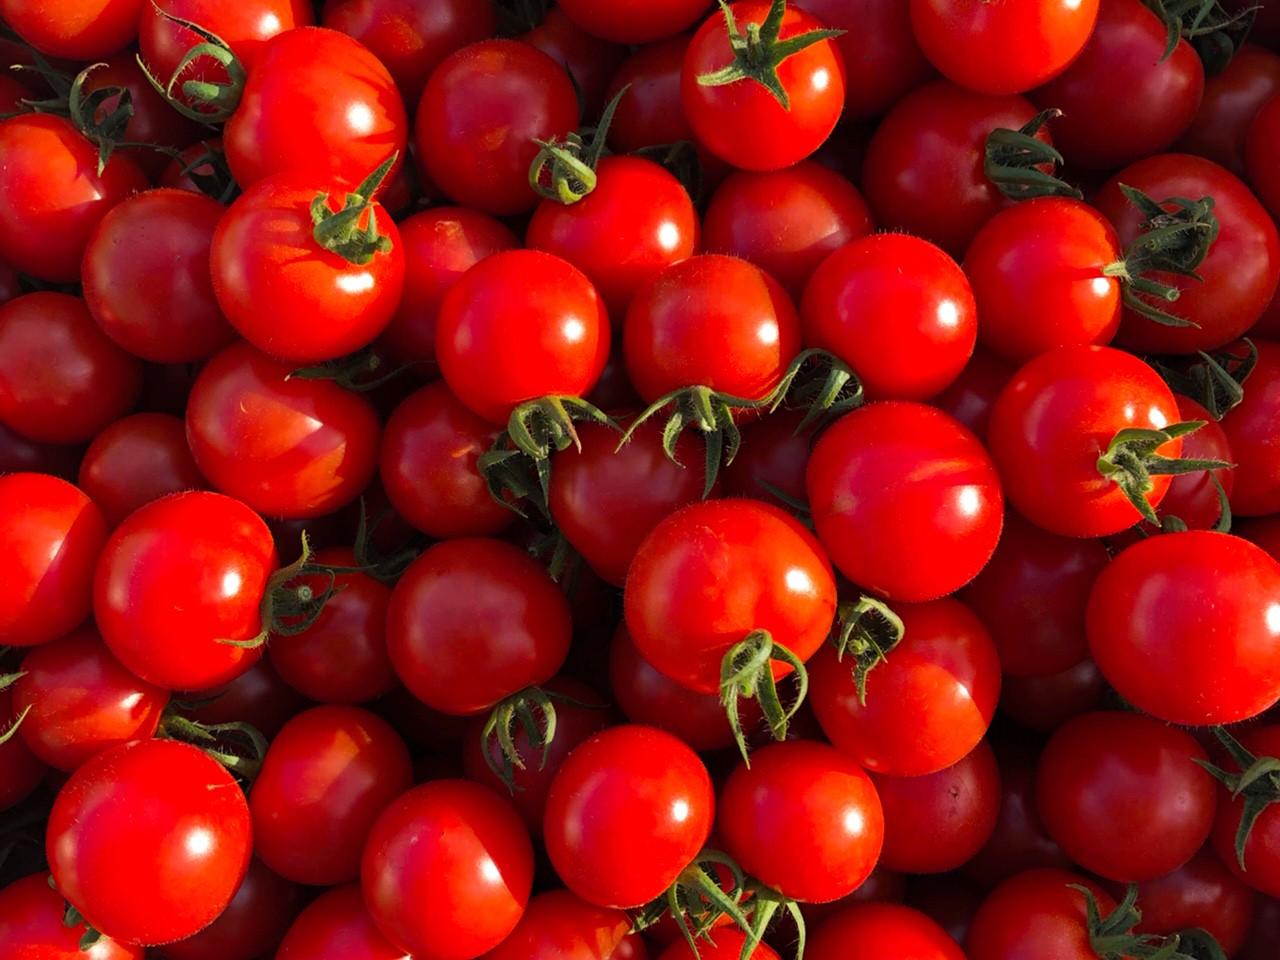 【超トマト販売開始のお知らせ】